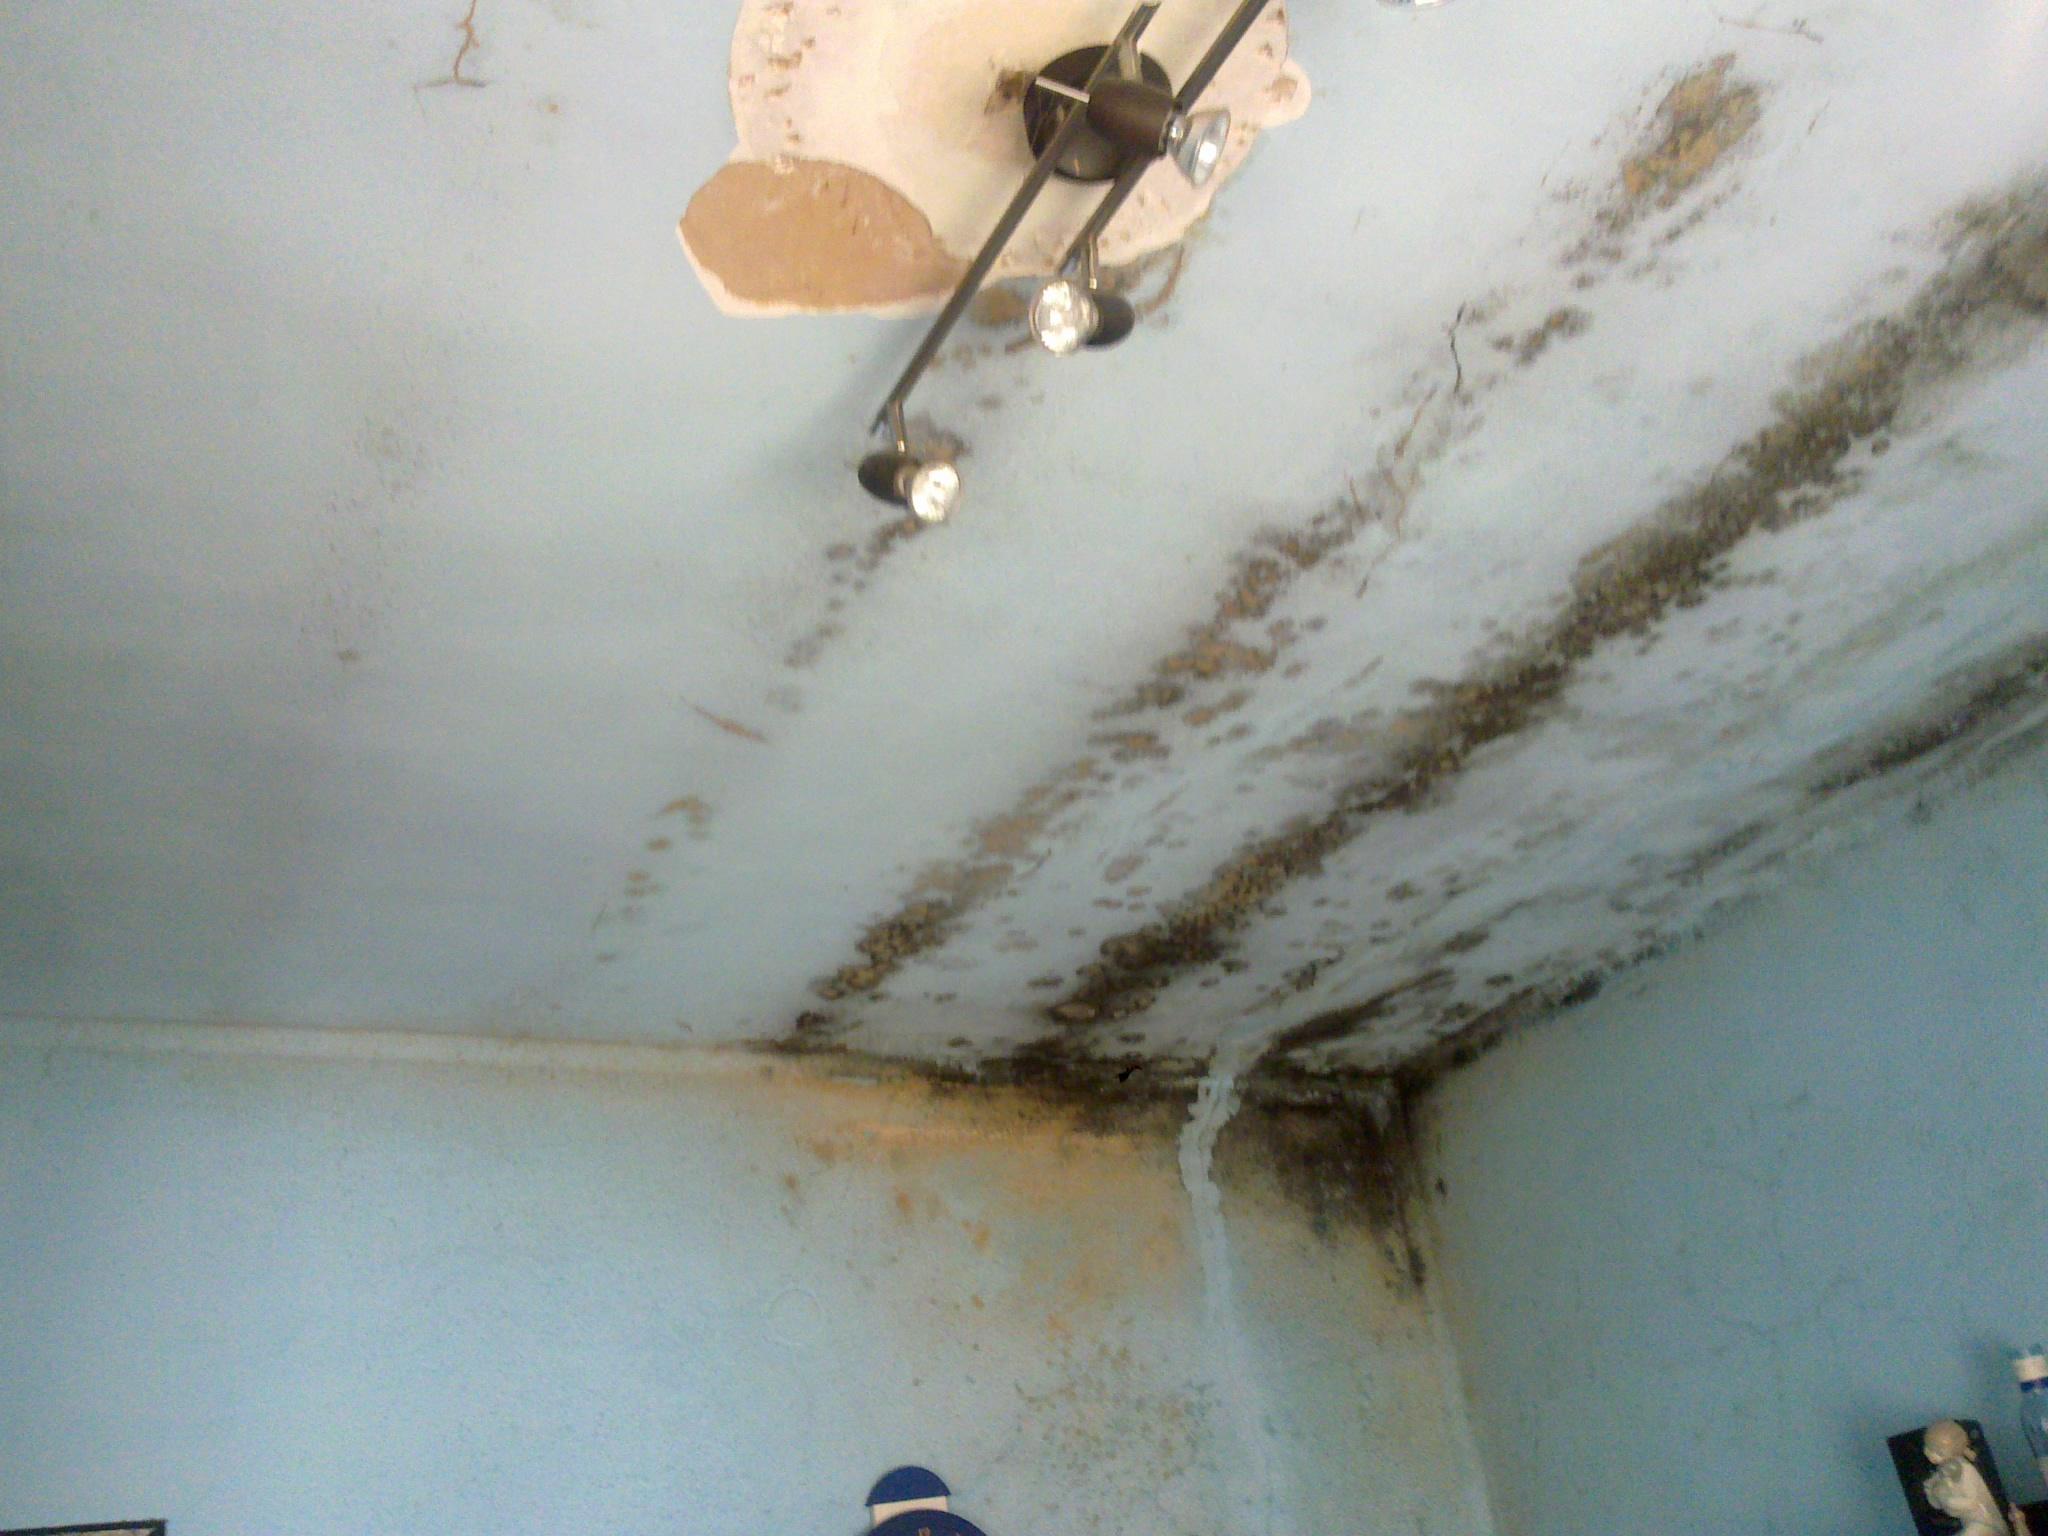 Eliminar humedad por condensacion secamax - Eliminar humedad por condensacion ...